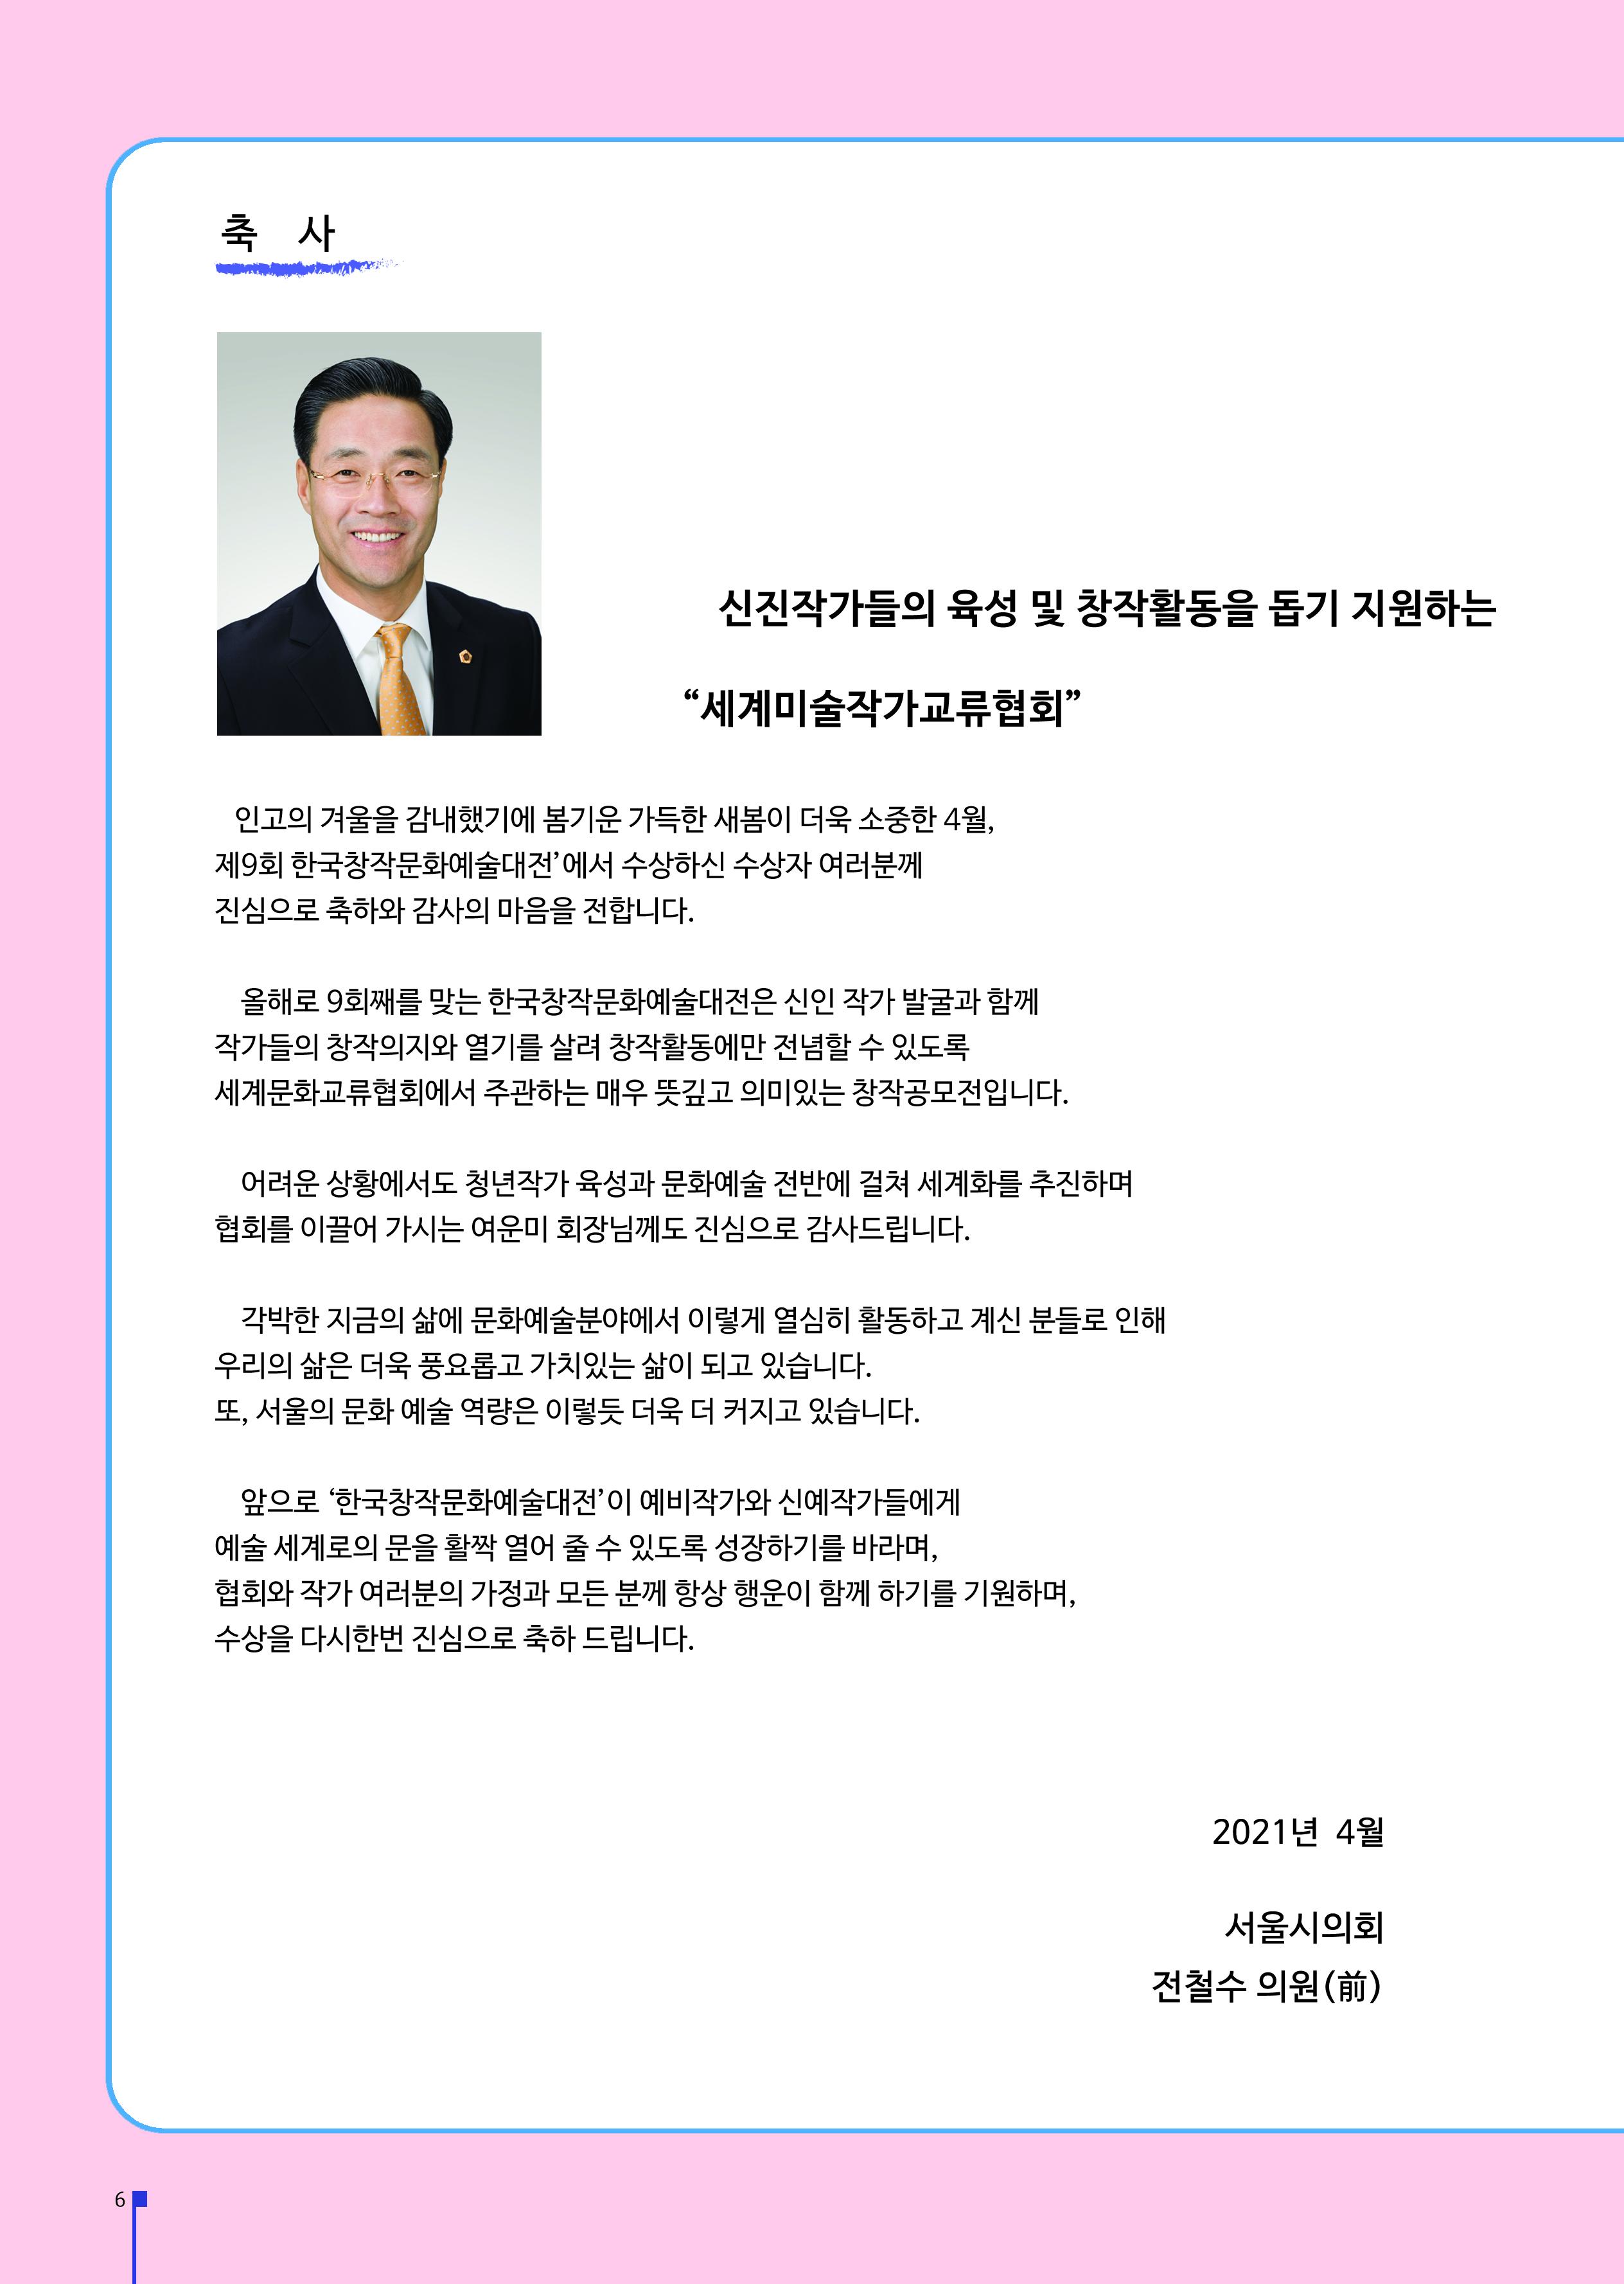 6_전철수 의원_수정.jpg